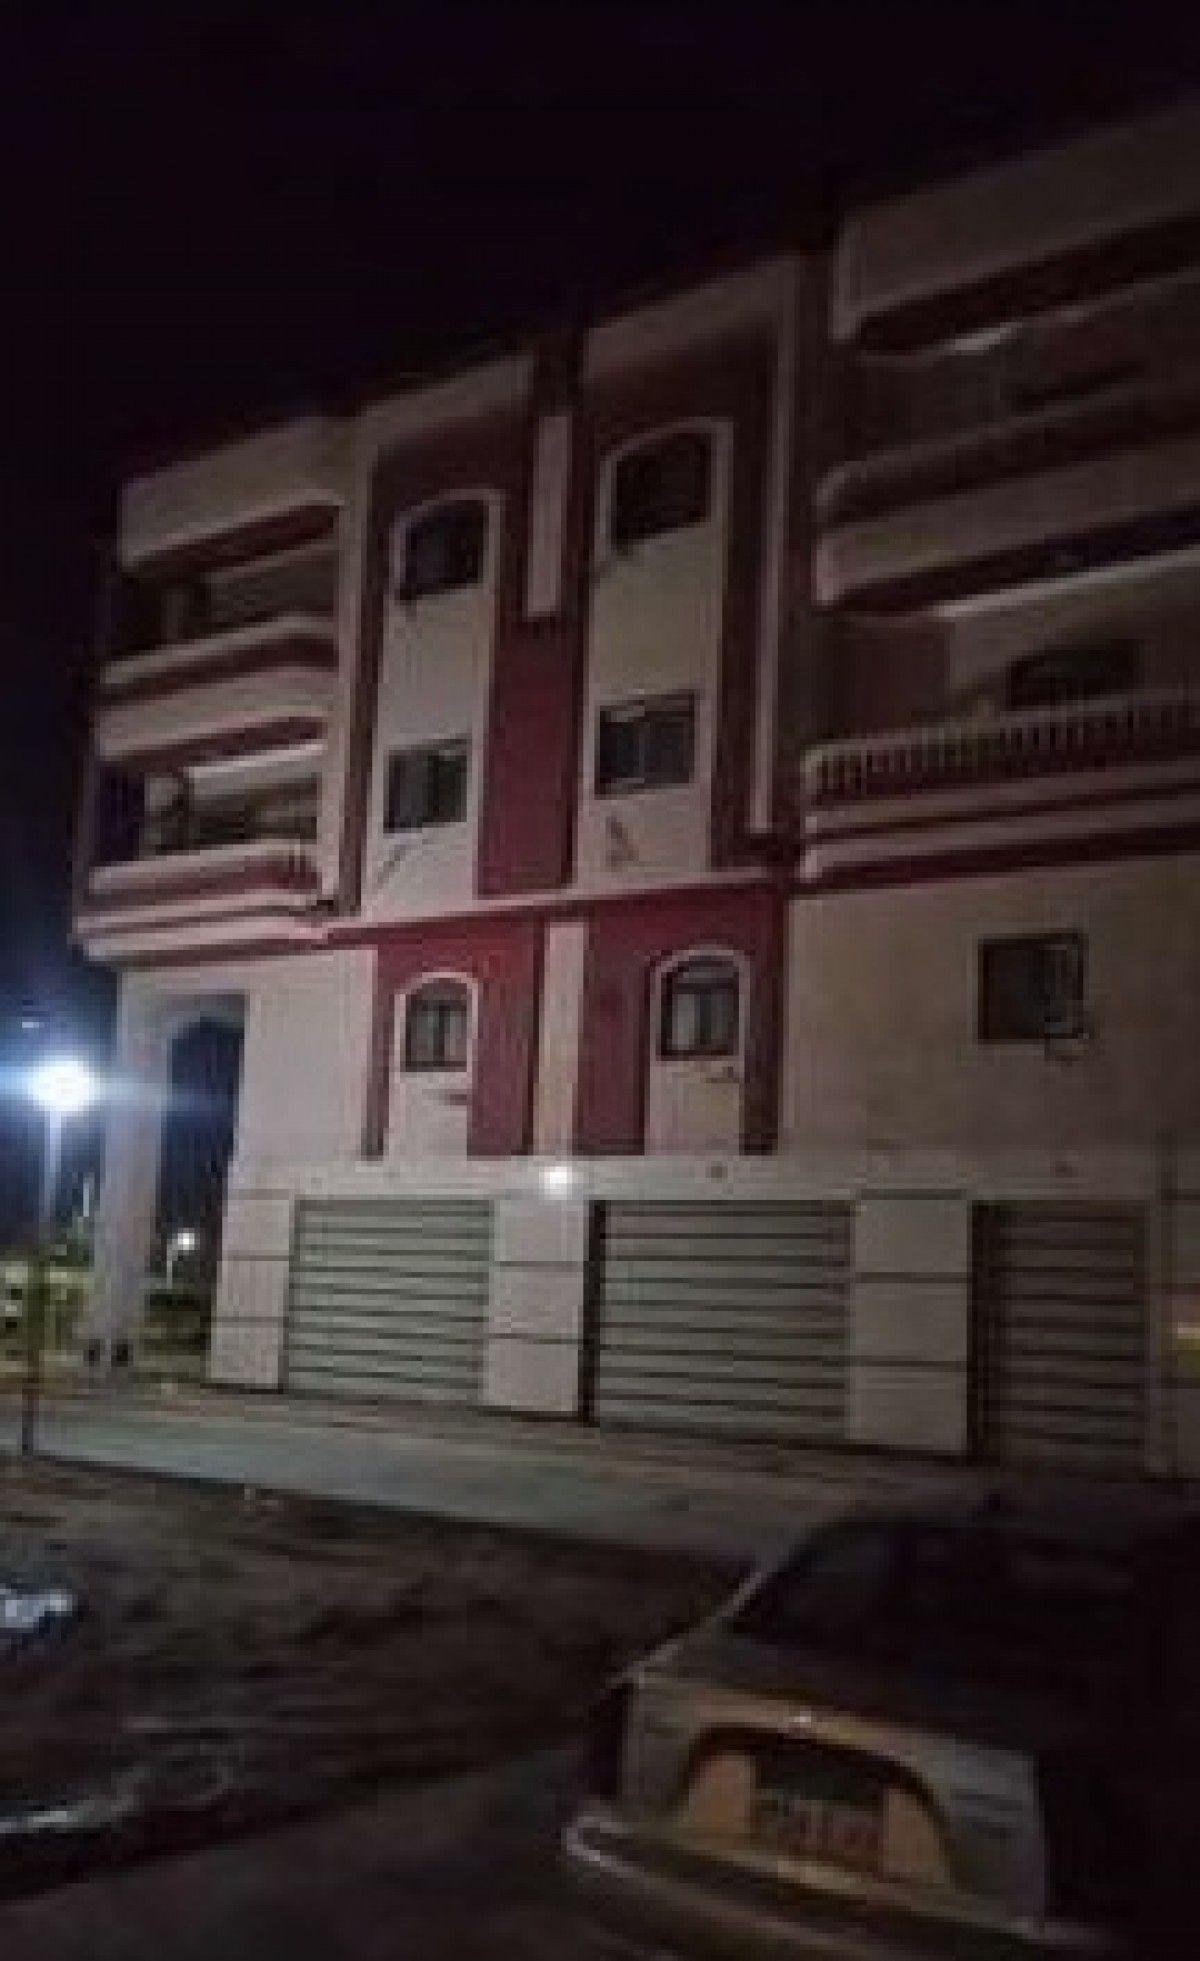 شقة ١٦٠ متر الترا سوبر لوكس دمياط الجديدة امام المرور بموقع وفيو متميز